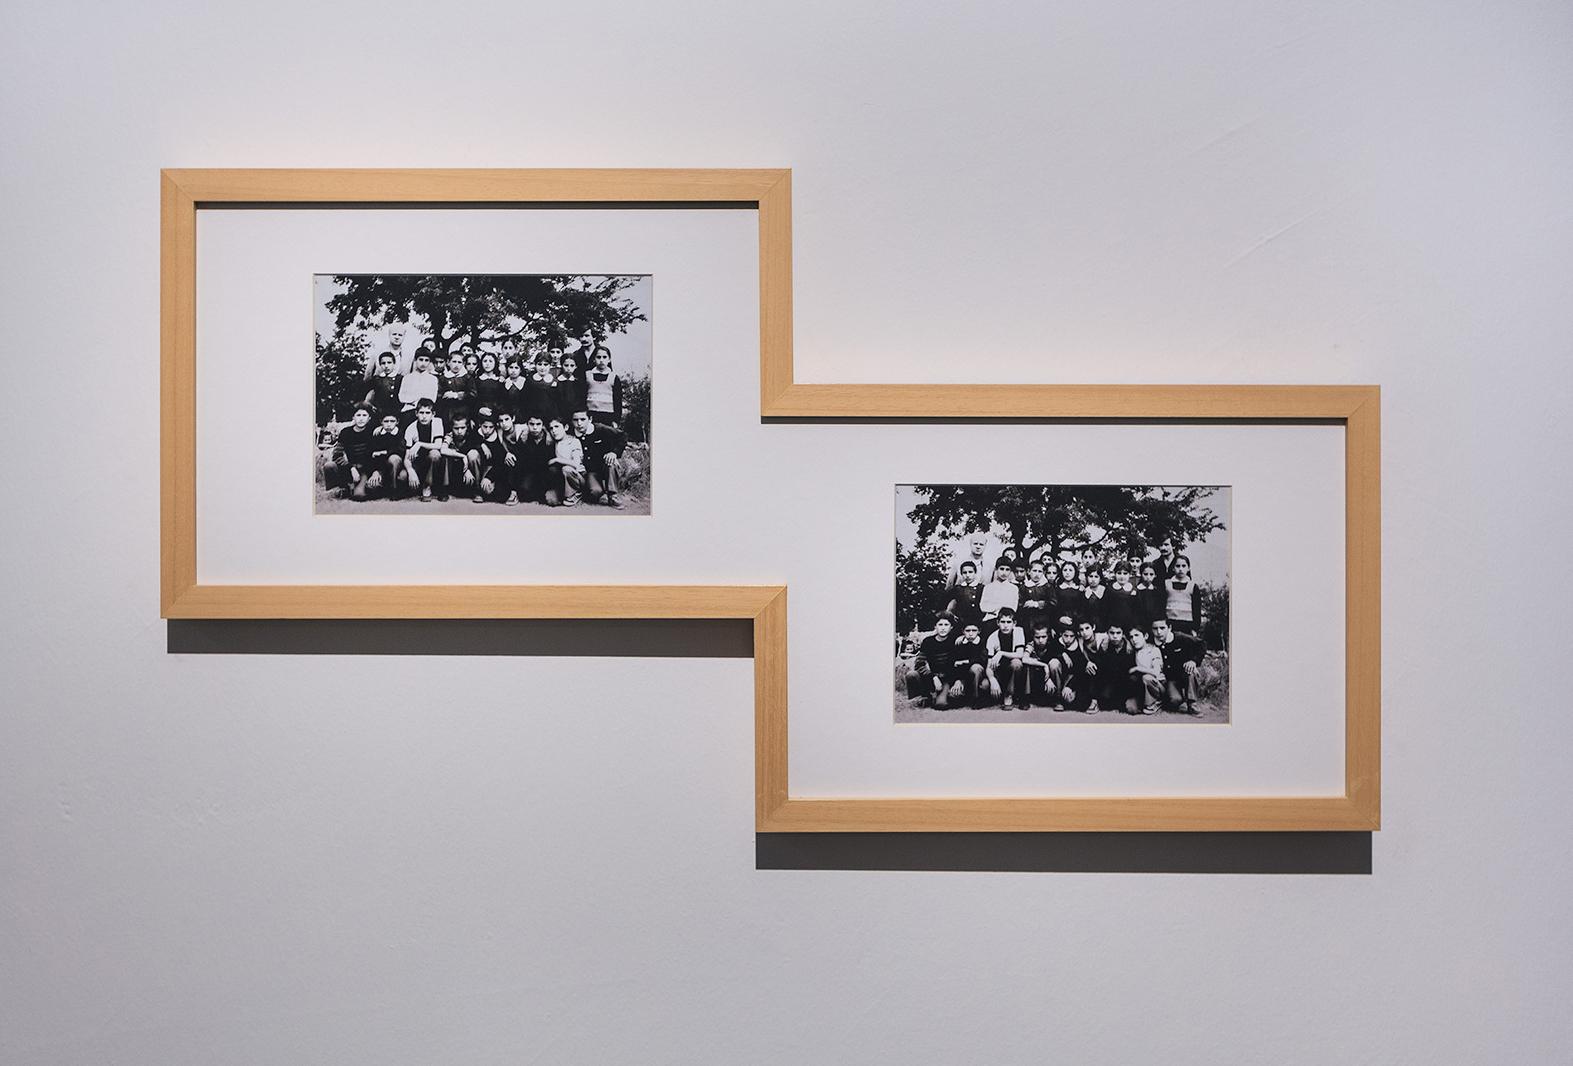 Yapışık, 2015, diptik, 27,5x40,5x74,5x27,5 cm